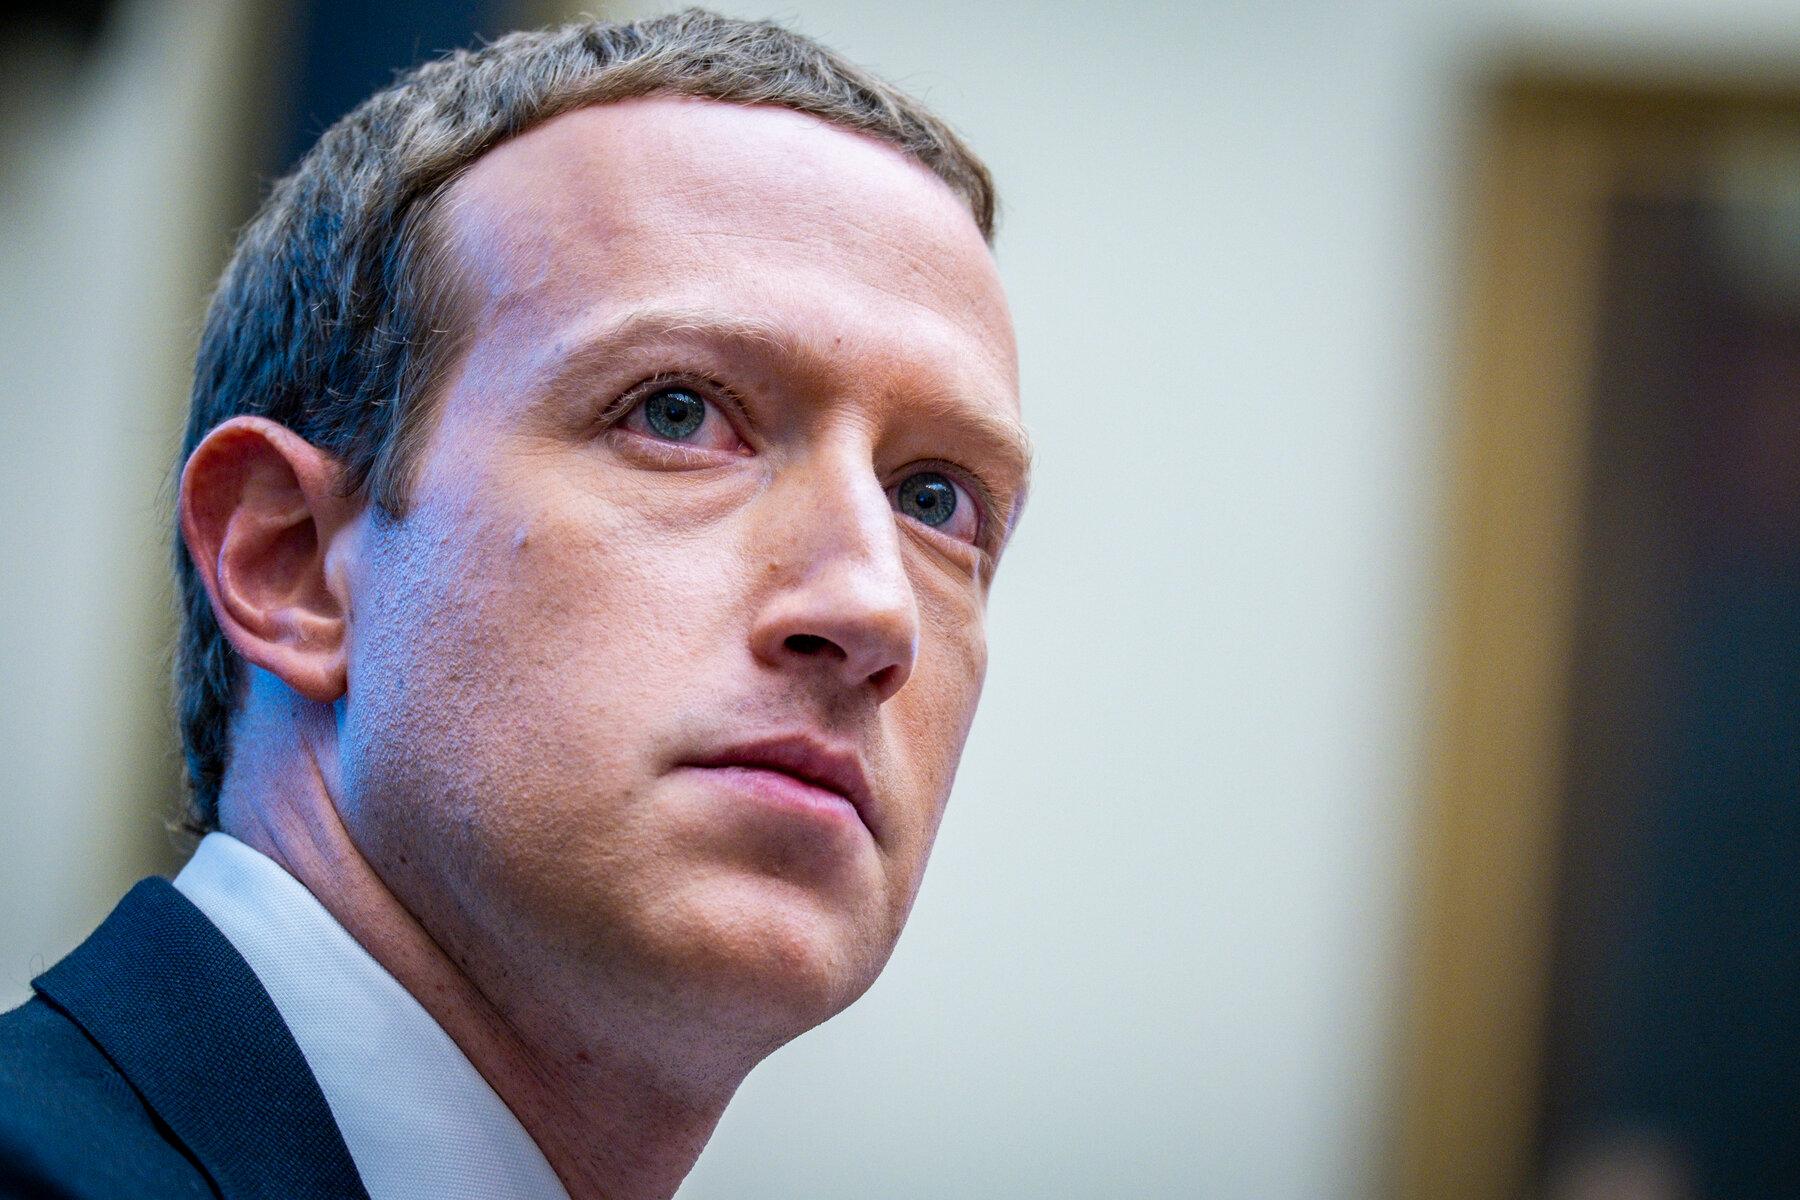 Năm 2021, Mark Zuckerberg gần như ngày nào cũng bán cổ phiếu Facebook